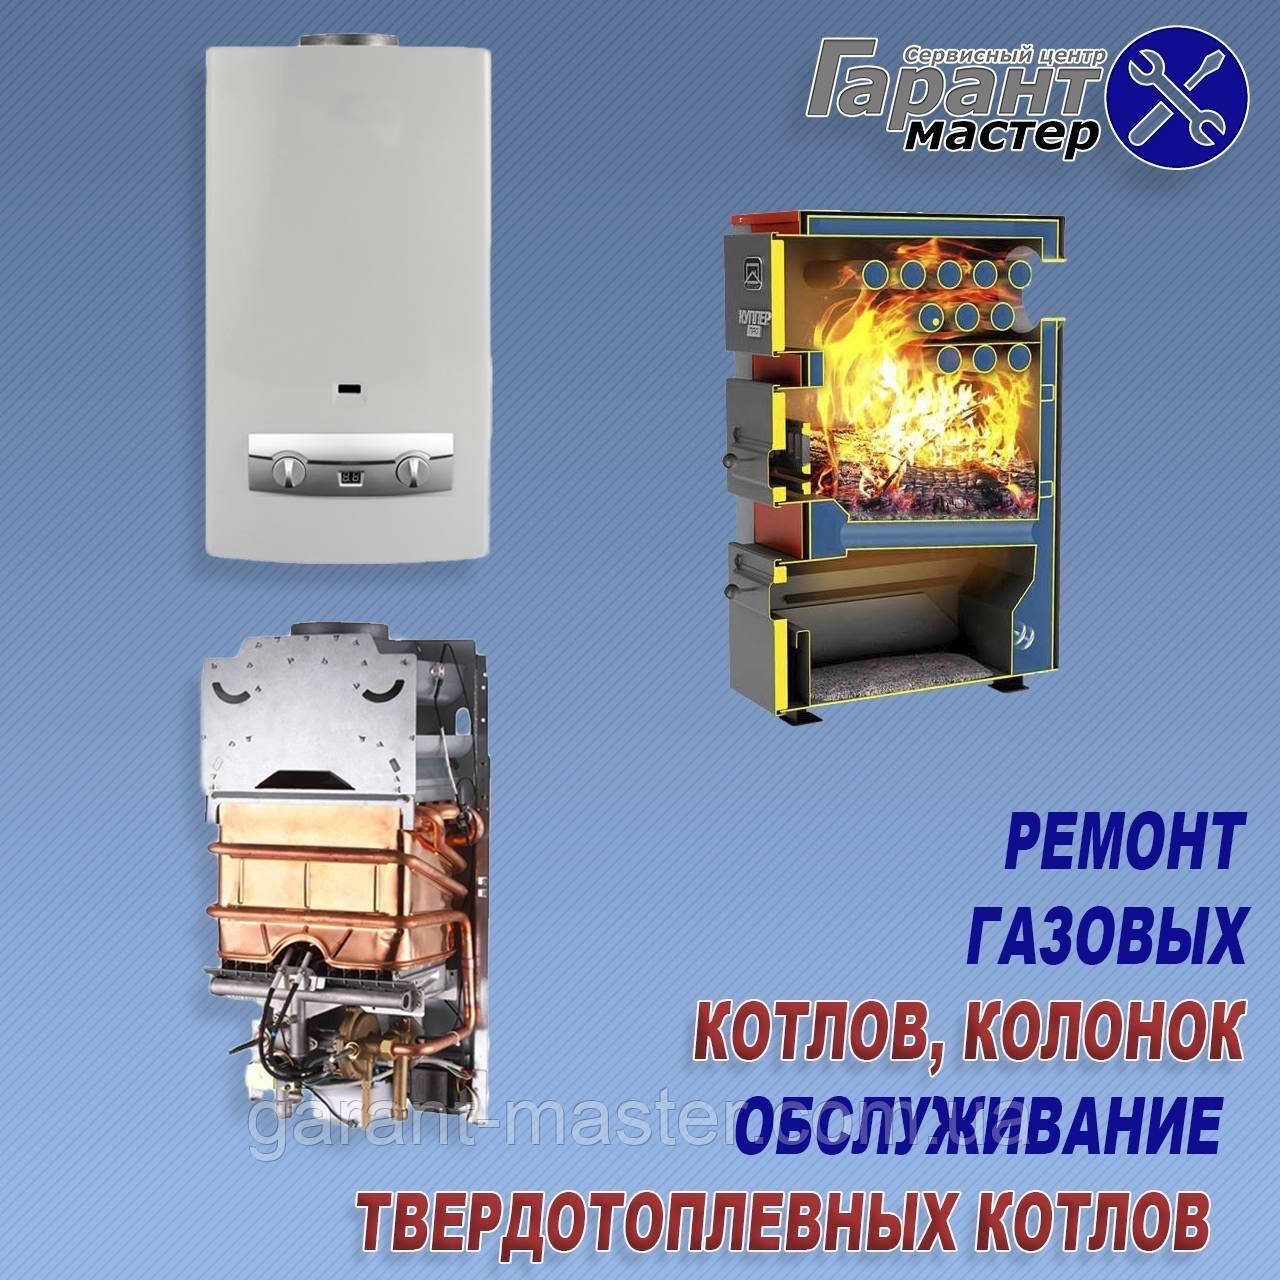 Ремонт газовой колонки, котла VAILLANT в Харькове